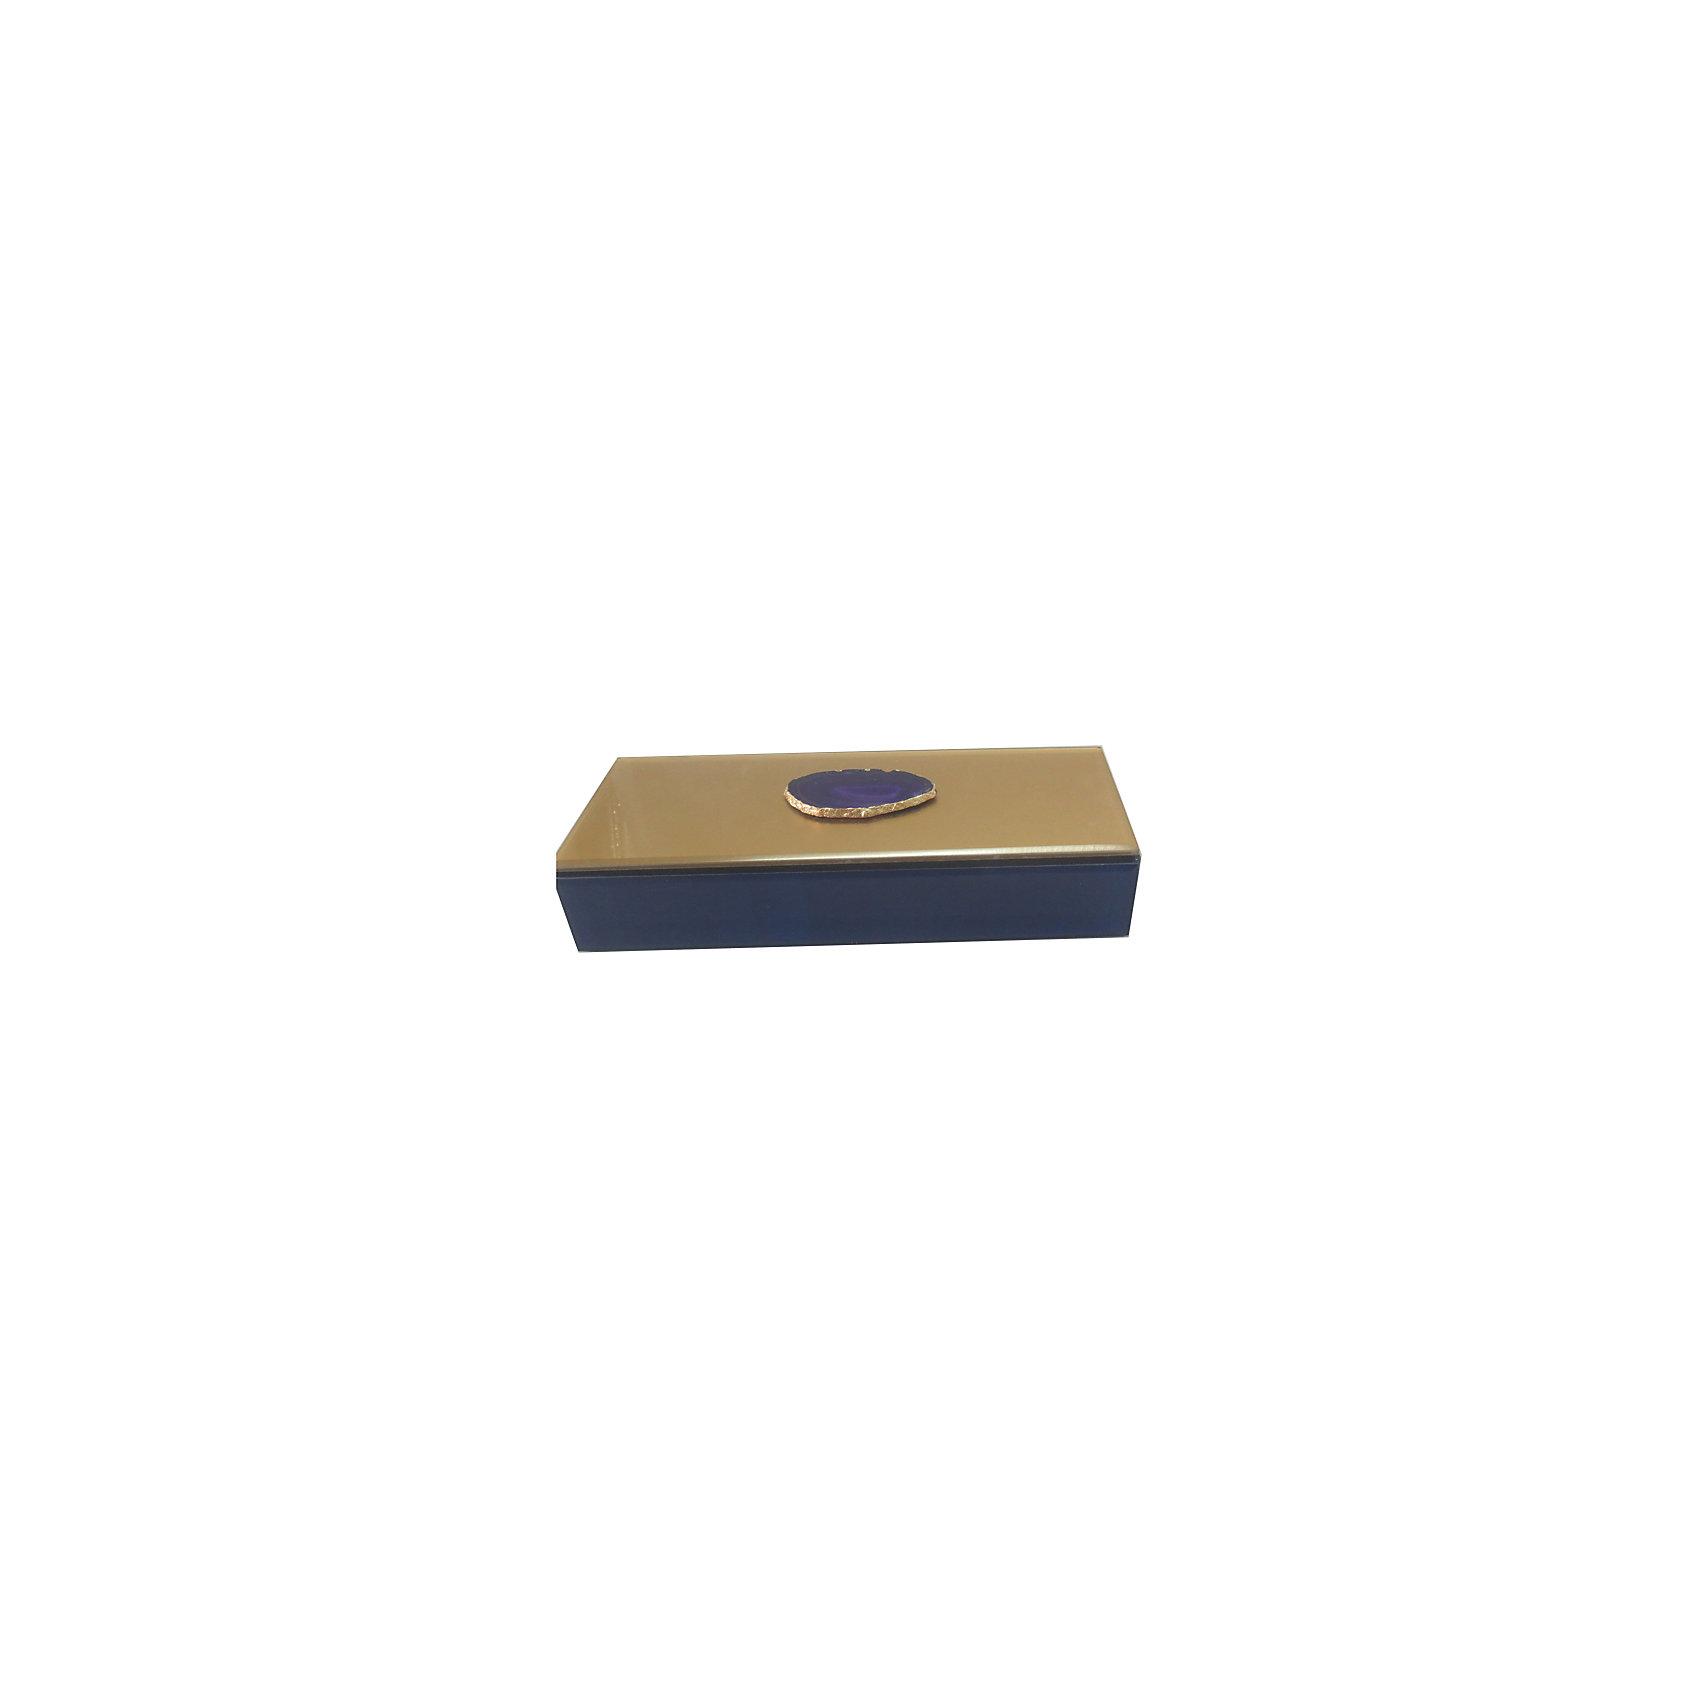 Шкатулка Фиолетовый агат из стекла для мелочей, Феникс-ПрезентПредметы интерьера<br>Шкатулка Фиолетовый агат из стекла для мелочей, Феникс-Презент<br><br>Характеристики:<br><br>• расцветка под агат<br>• размер: 24,5х9,5х4,5 см<br>• материал: стекло<br><br>Шкатулка Фиолетовый агат украсит интерьер комнаты и позволит вам хранить различные мелочи и безделушки в одном месте. Шкатулка надежно закрывается крышкой. Приятная расцветка шкатулки всегда будет радовать глаз!<br><br>Шкатулку Фиолетовый агат из стекла для мелочей, Феникс-Презент можно купить в нашем интернет-магазине.<br><br>Ширина мм: 245<br>Глубина мм: 95<br>Высота мм: 45<br>Вес г: 583<br>Возраст от месяцев: 60<br>Возраст до месяцев: 2147483647<br>Пол: Унисекс<br>Возраст: Детский<br>SKU: 5449772